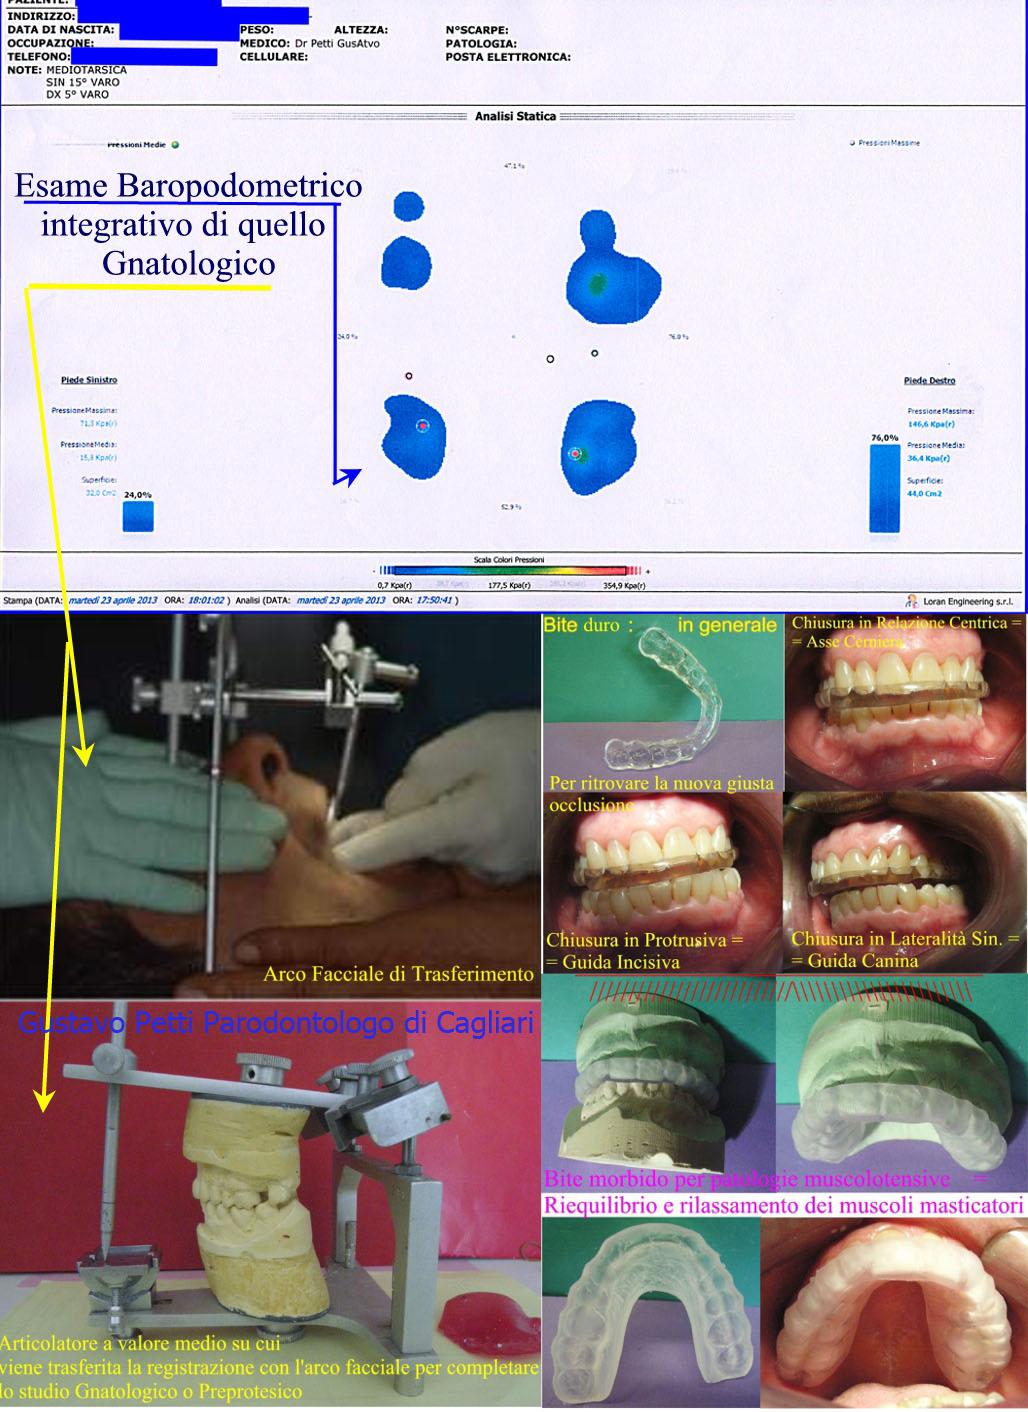 analisi-gnatologica-dr-g.petti-cagliari-73.jpg